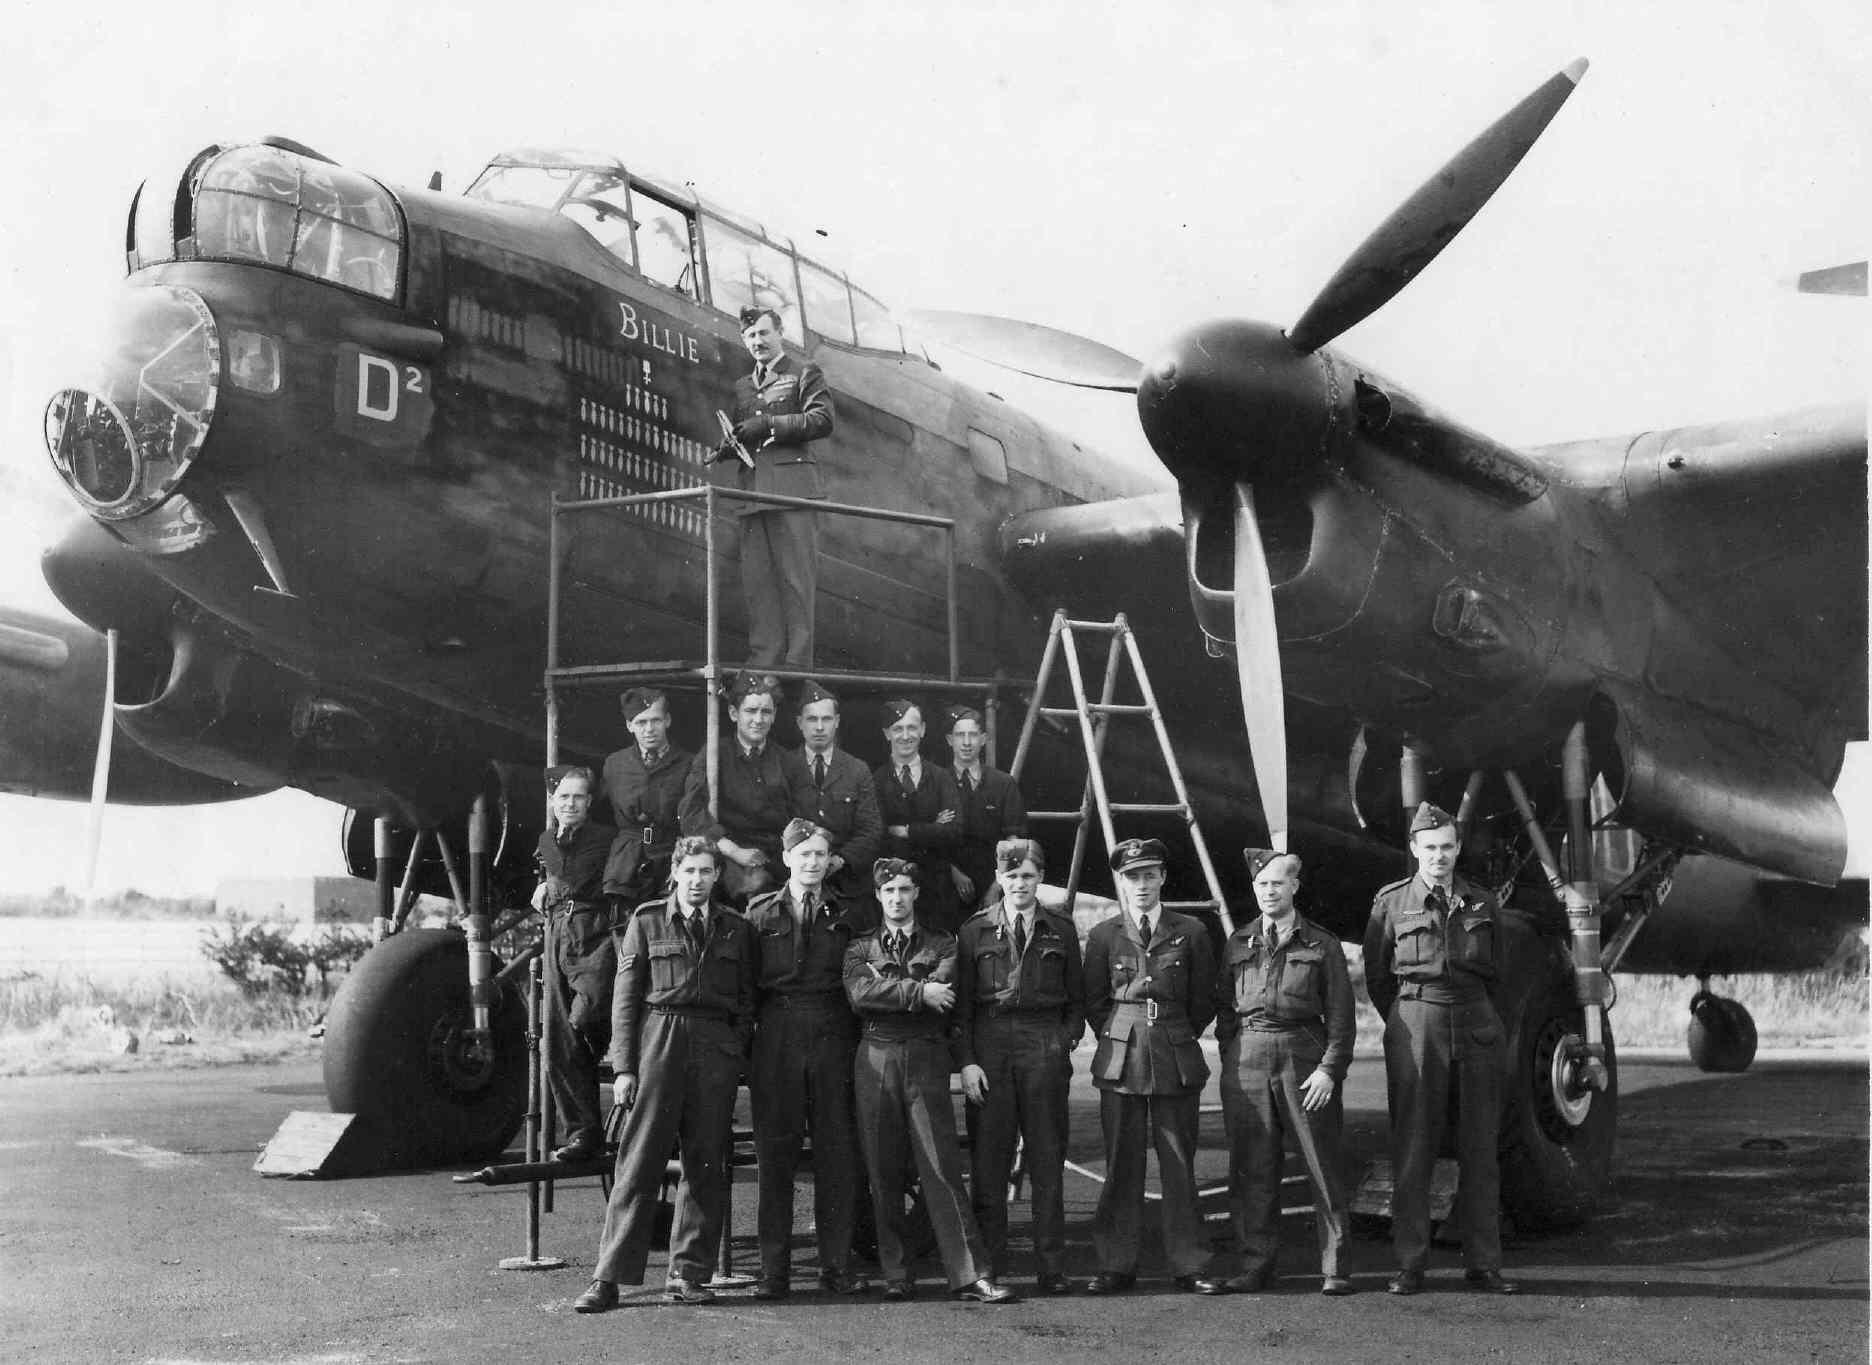 Lancaster — тяжелый бомбардировщик Королевских ВВС во Второй мировой войне